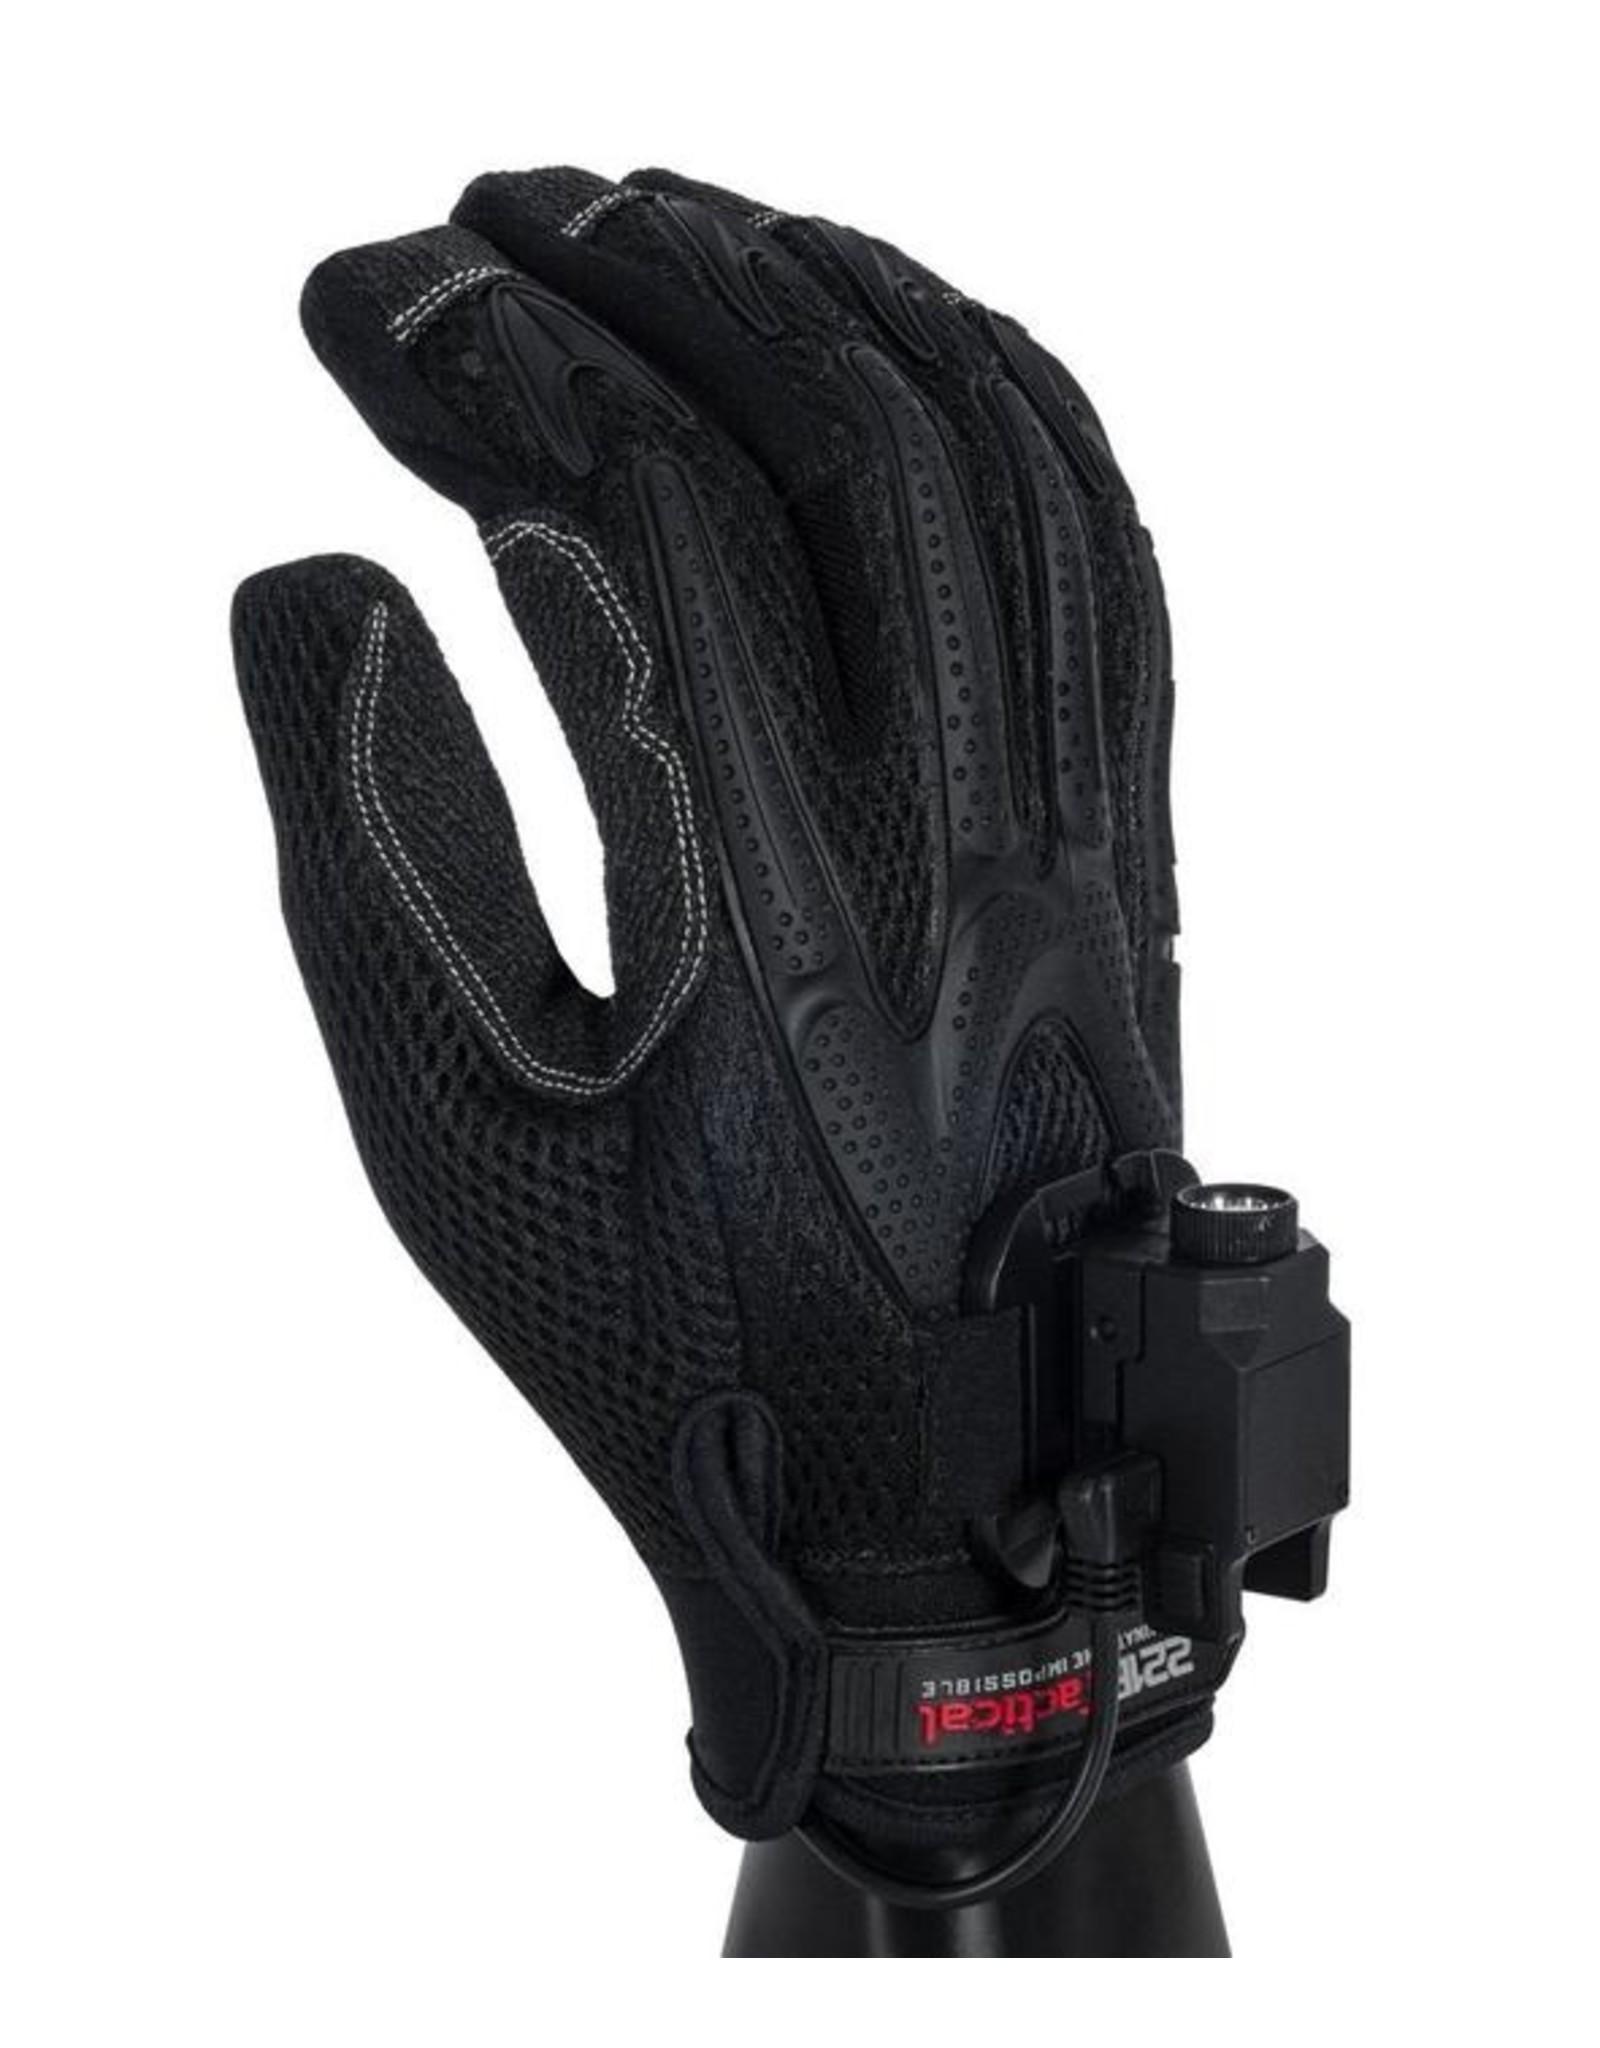 221B Titan K-9 Gloves Light System